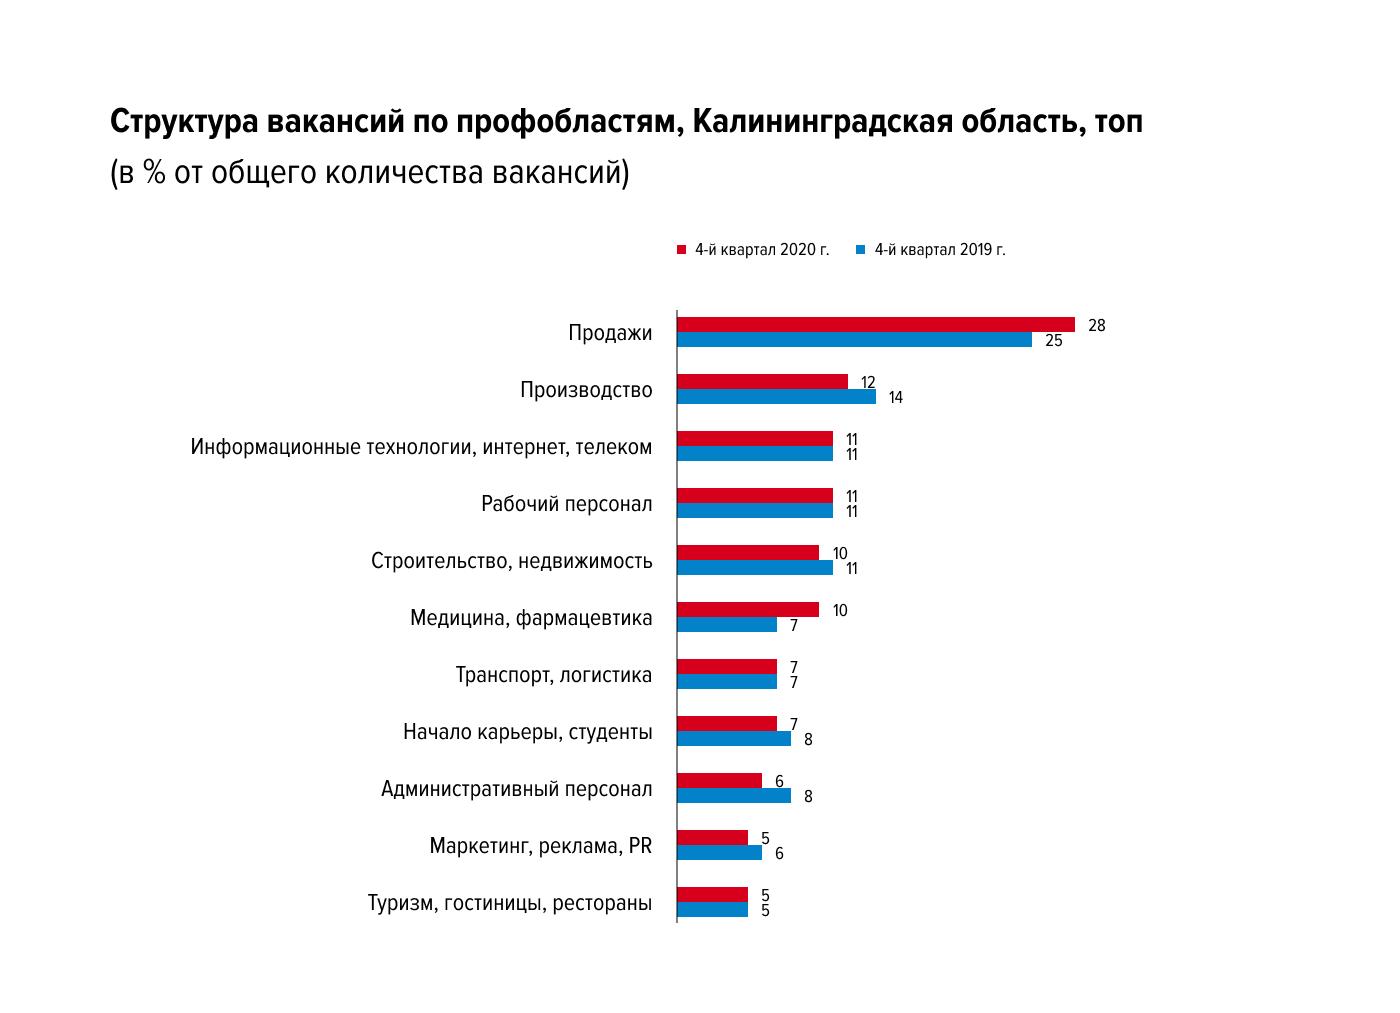 Какие изменения произошли на рынке труда Калининградской области в конце 2020 года